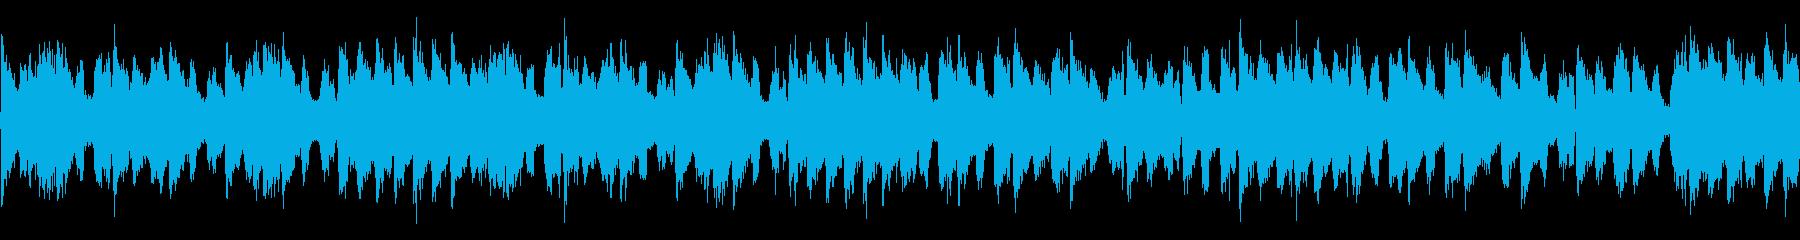 ある日の出来事 (Key E)の再生済みの波形